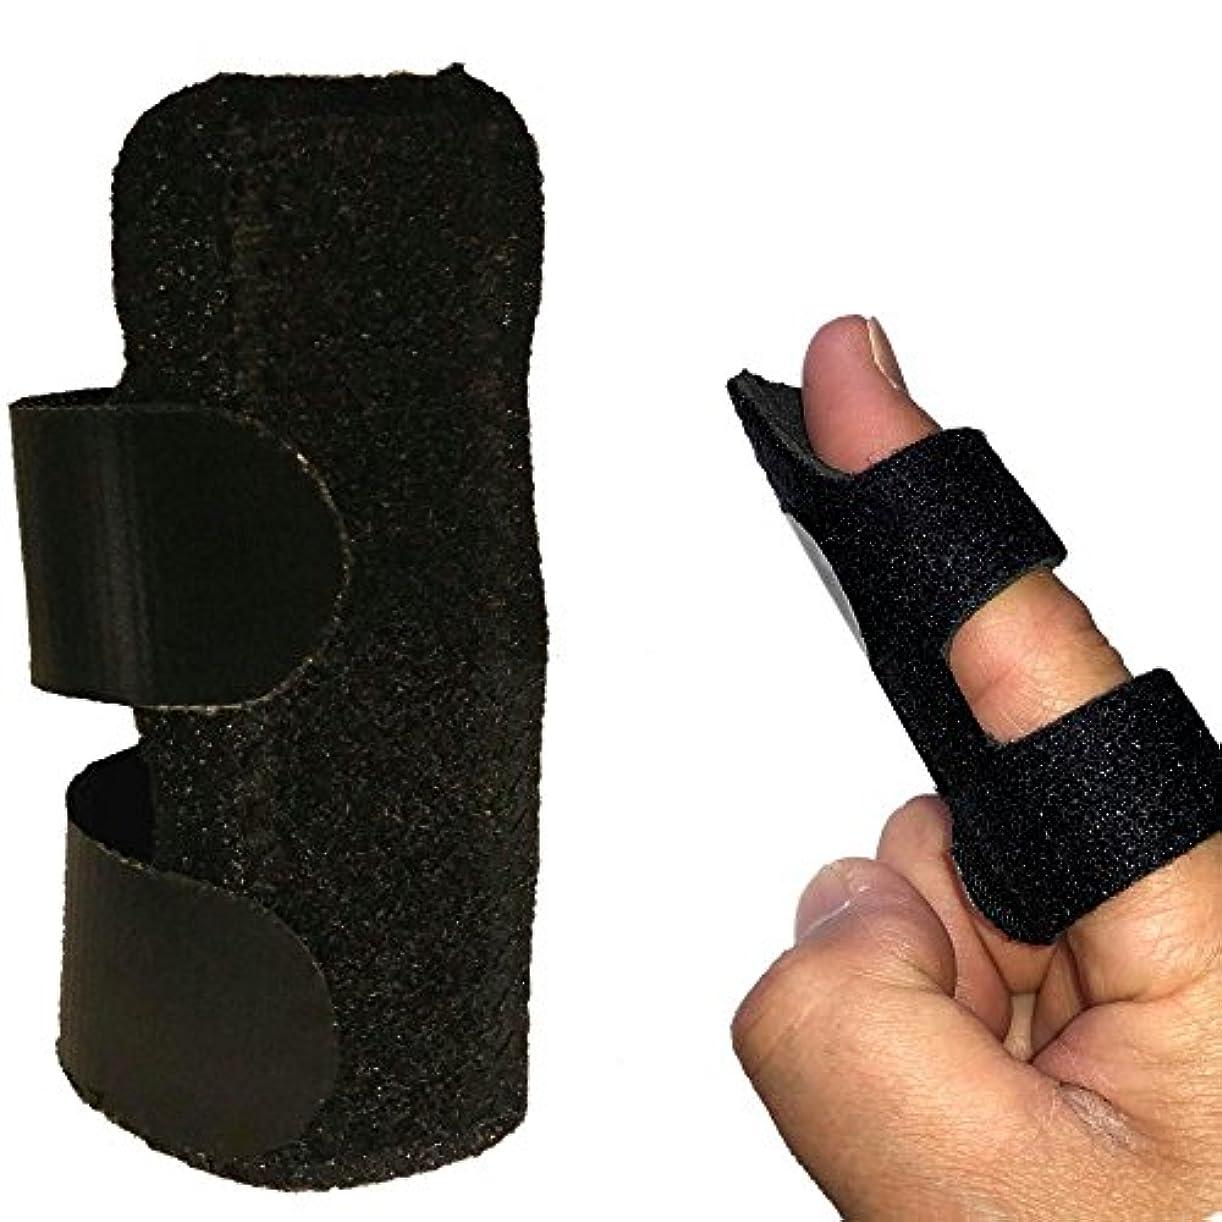 指サポーター 突き指 腱鞘炎 ばね指 関節痛 小指 薬指 親指 人差し指 手 固定 サポーター バスケ バレー 学生 大人 フリーサイズ